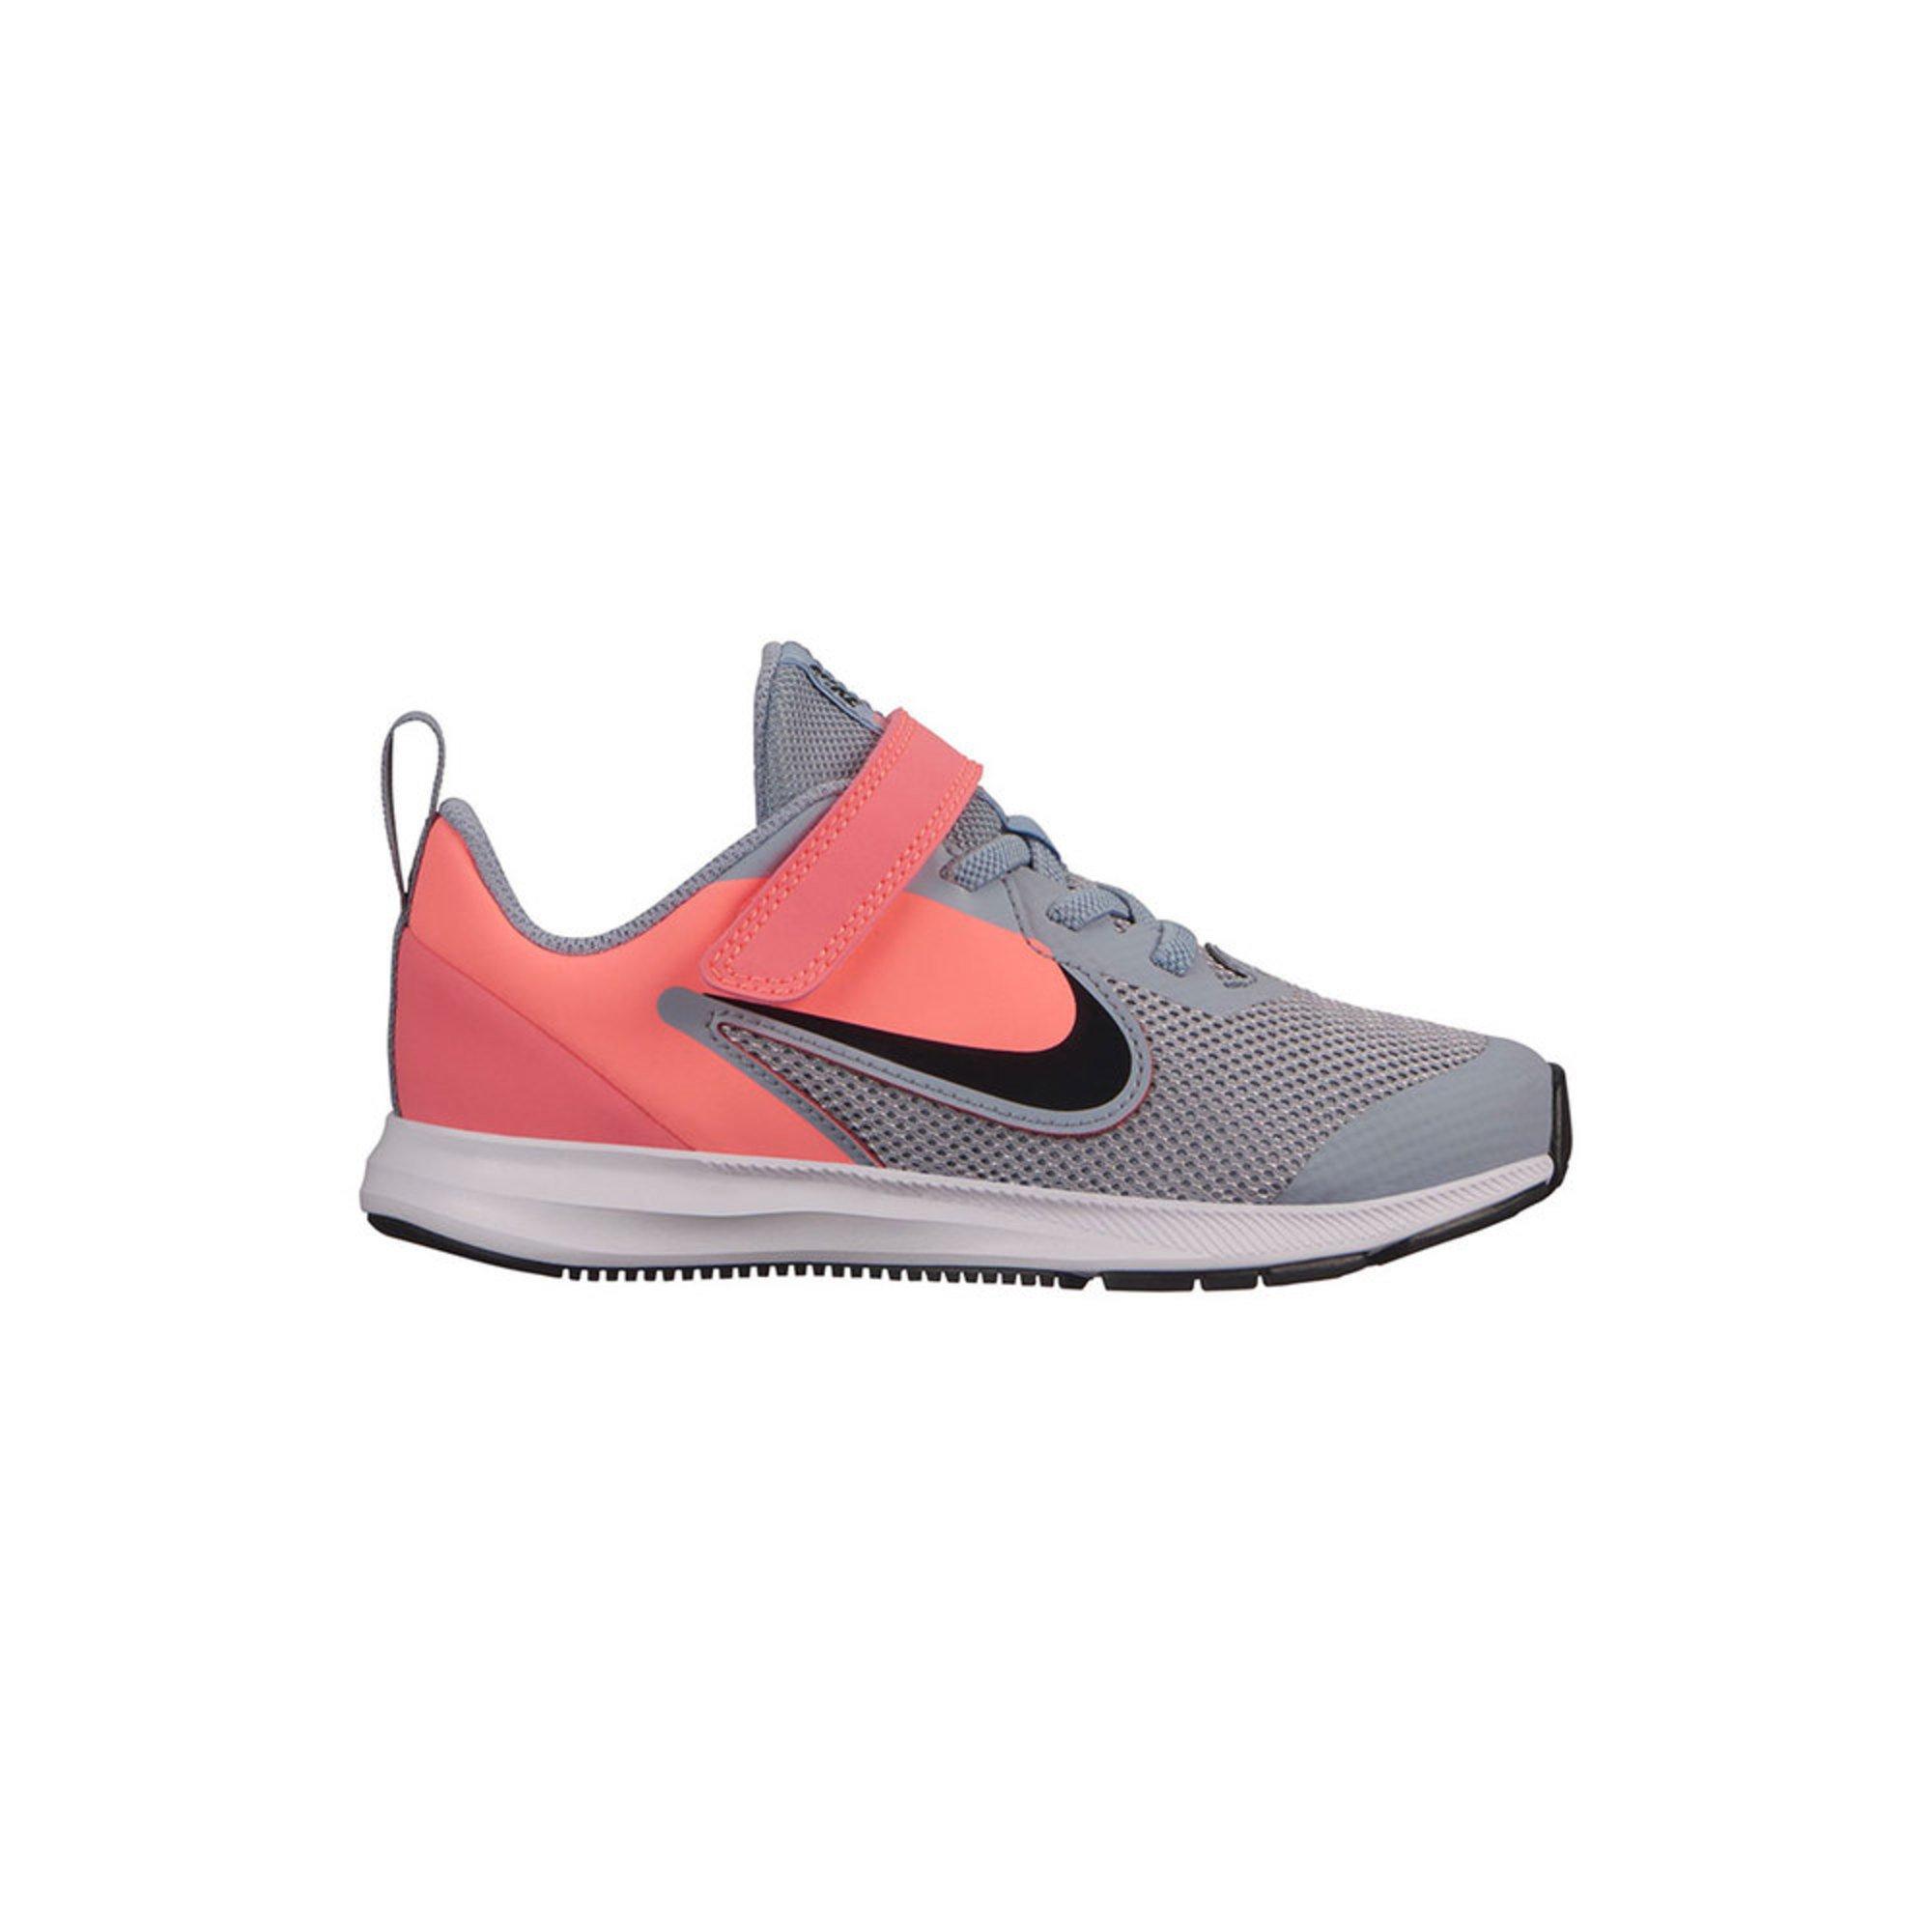 869583441d99 Nike Boys Downshifter 9 Training Shoe (little Kid)